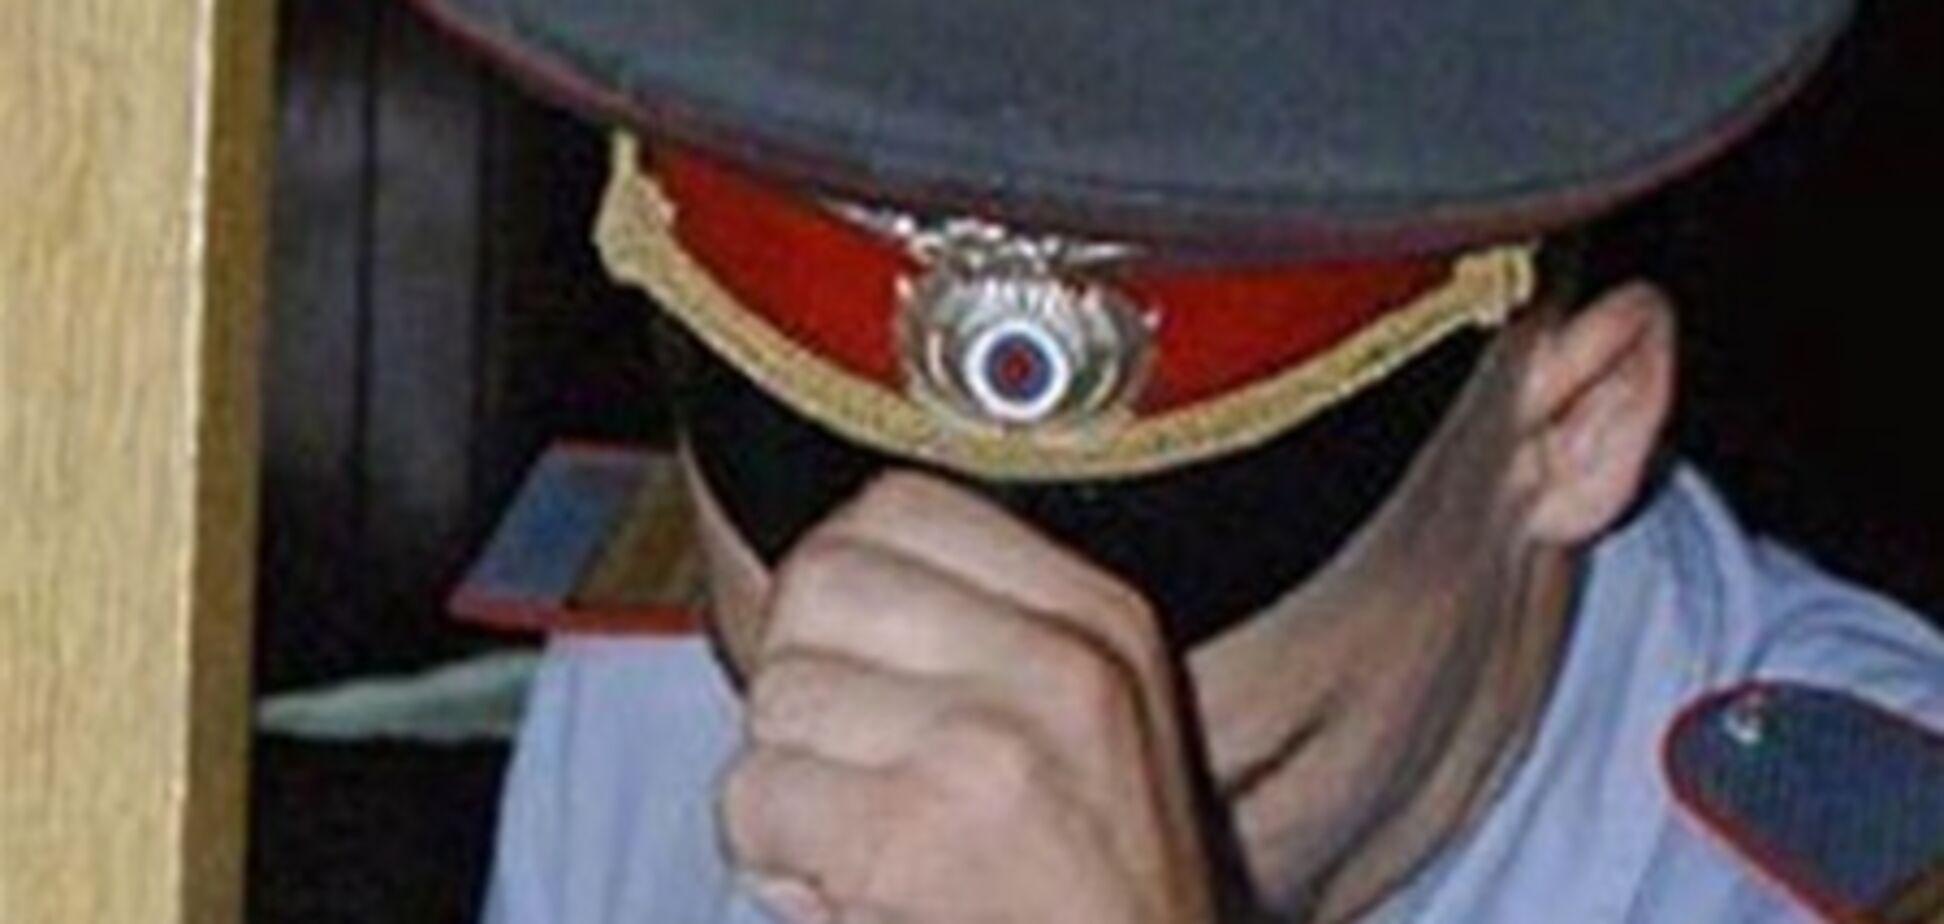 На Волыни милиционер попался на вымогательстве $20 тыс. у наркоторговца